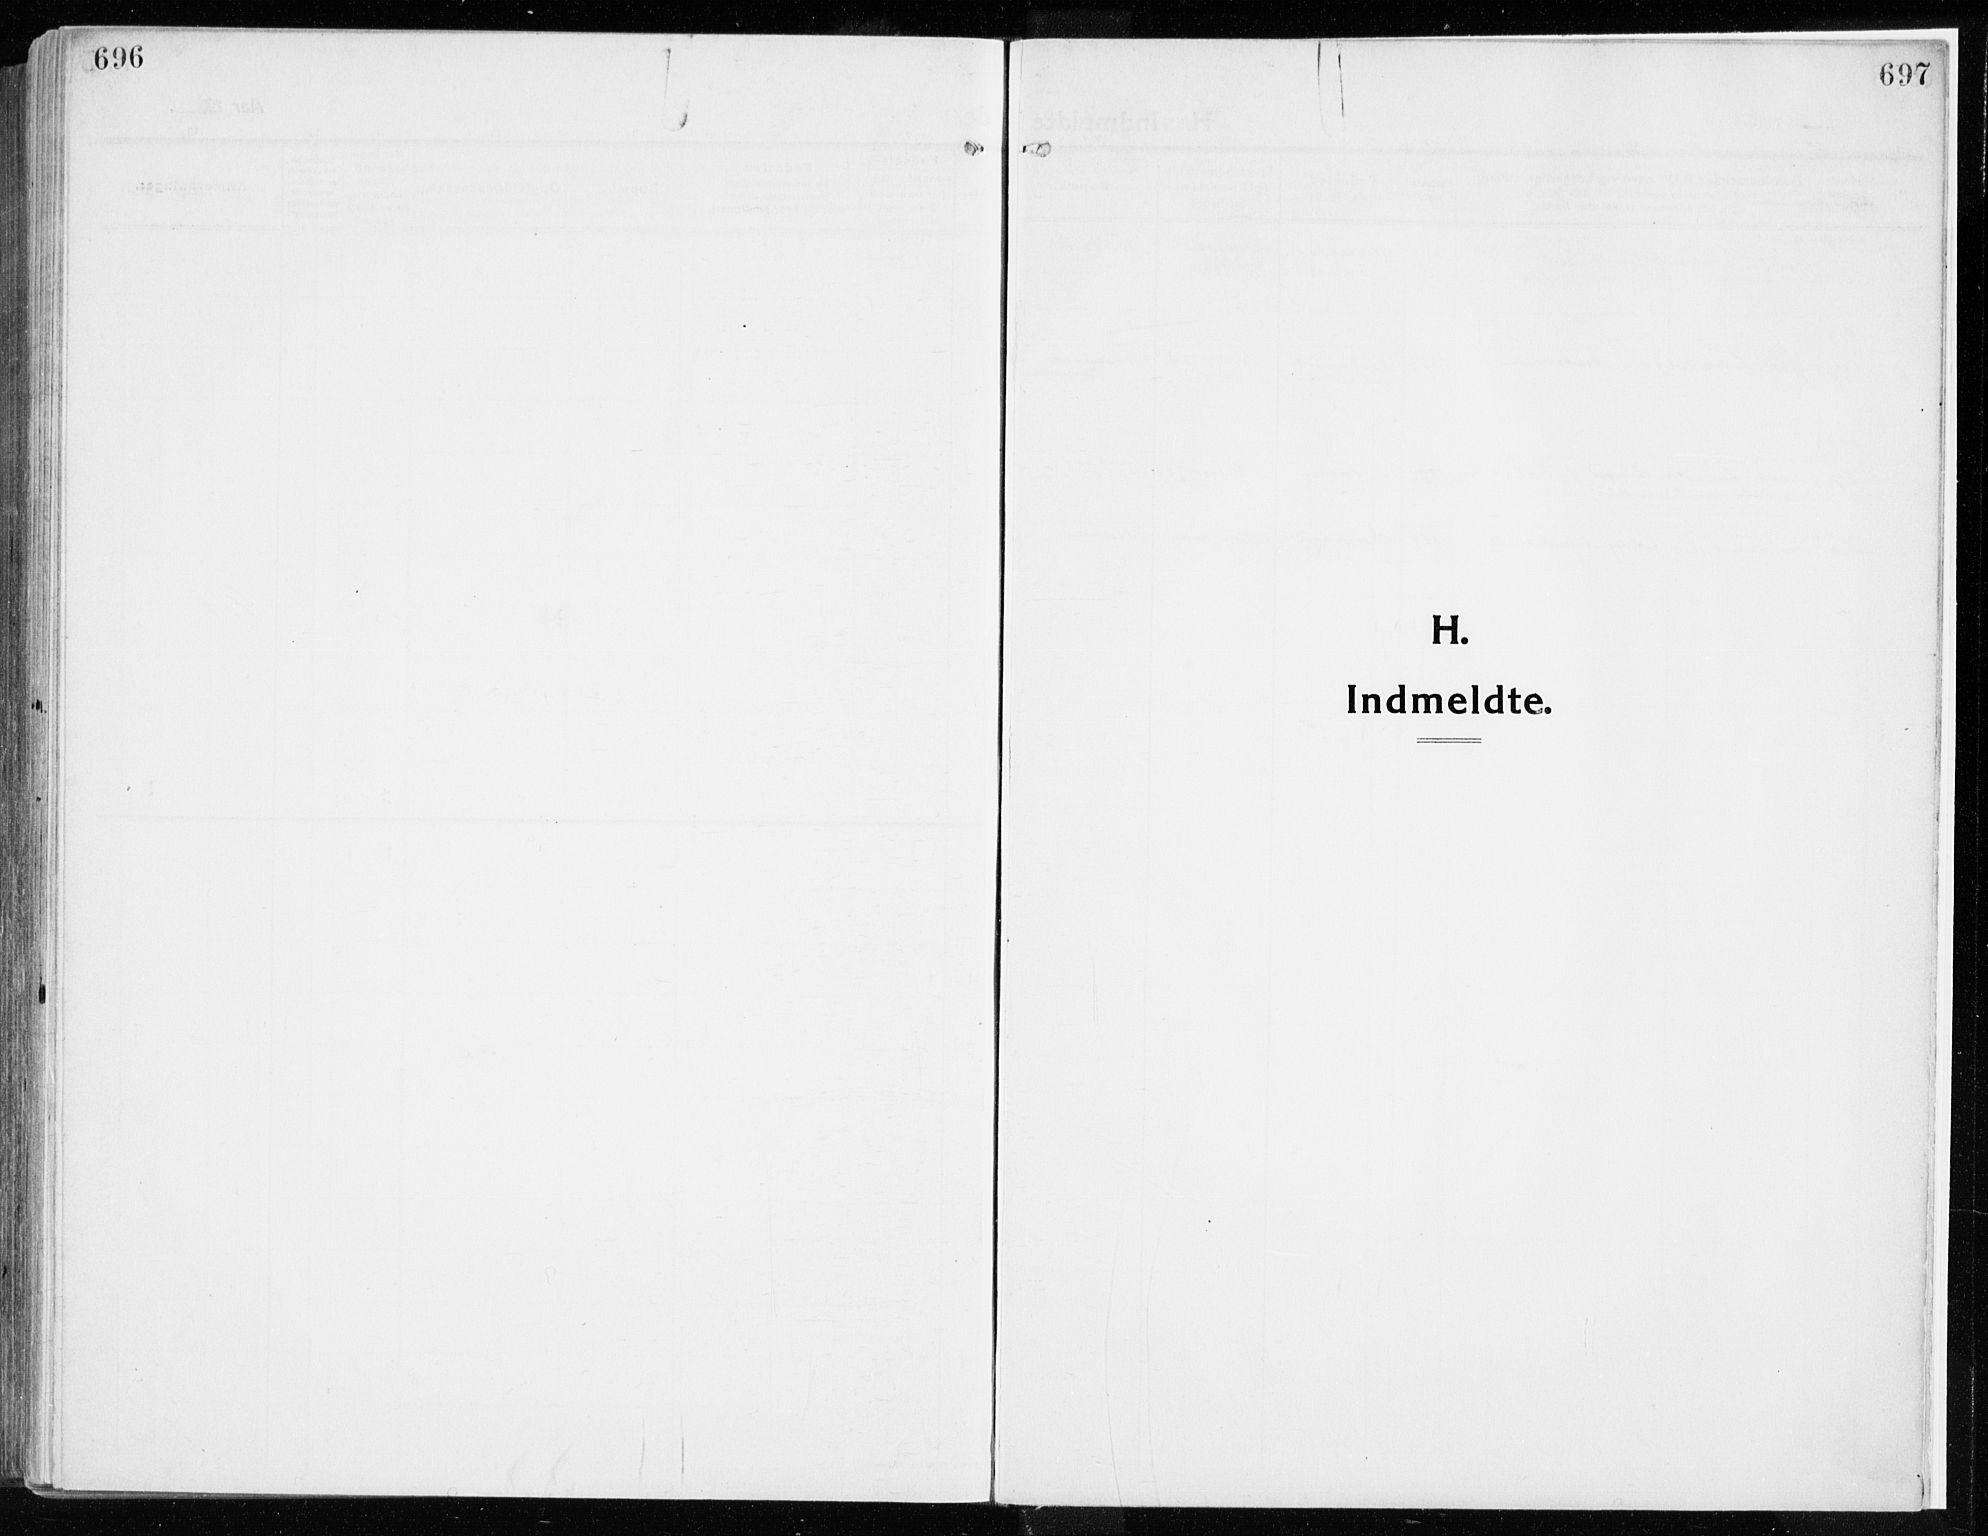 SAH, Ringsaker prestekontor, K/Ka/L0020: Parish register (official) no. 20, 1913-1922, p. 696-697